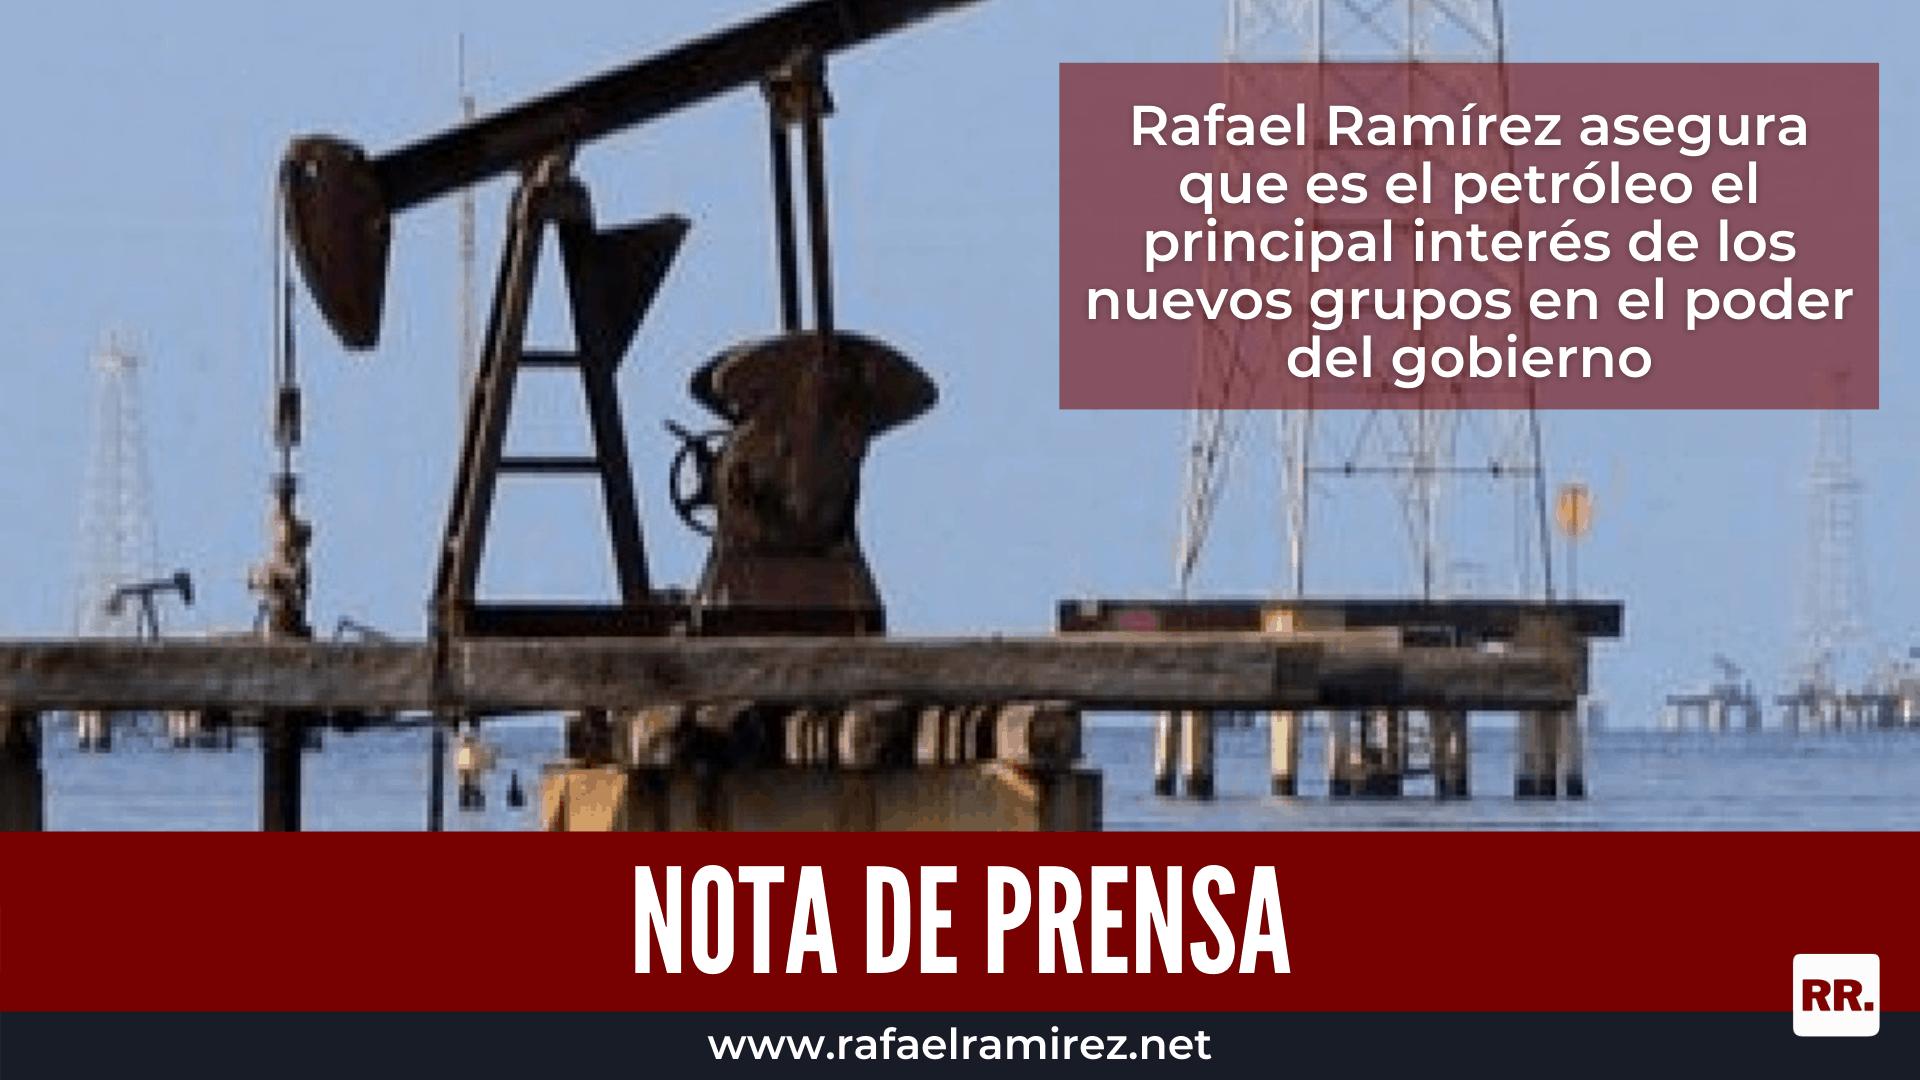 Rafael Ramírez asegura que es el petróleo el principal interés de los nuevos grupos en el poder del gobierno